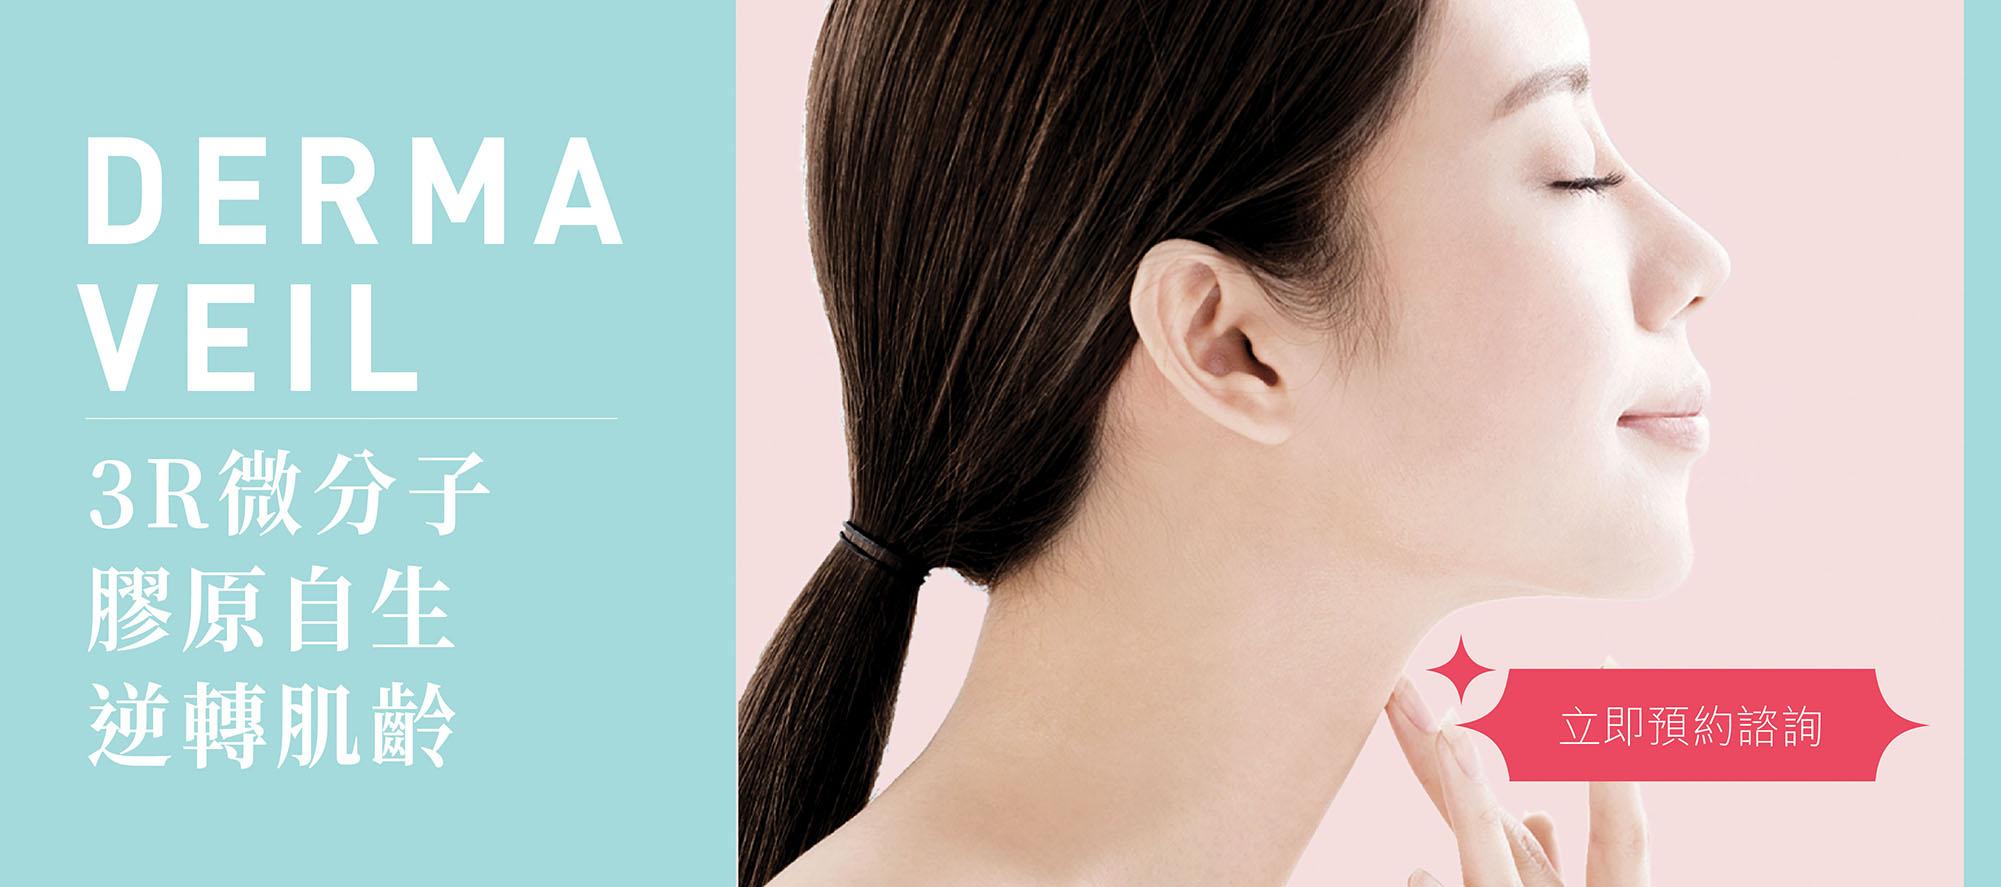 撫平淚溝 提升蘋果肌 緊緻肌膚提升輪廓 韓式豐額及飽滿太陽穴 改善皺紋、法令紋、抬頭紋、眉心紋、眼紋